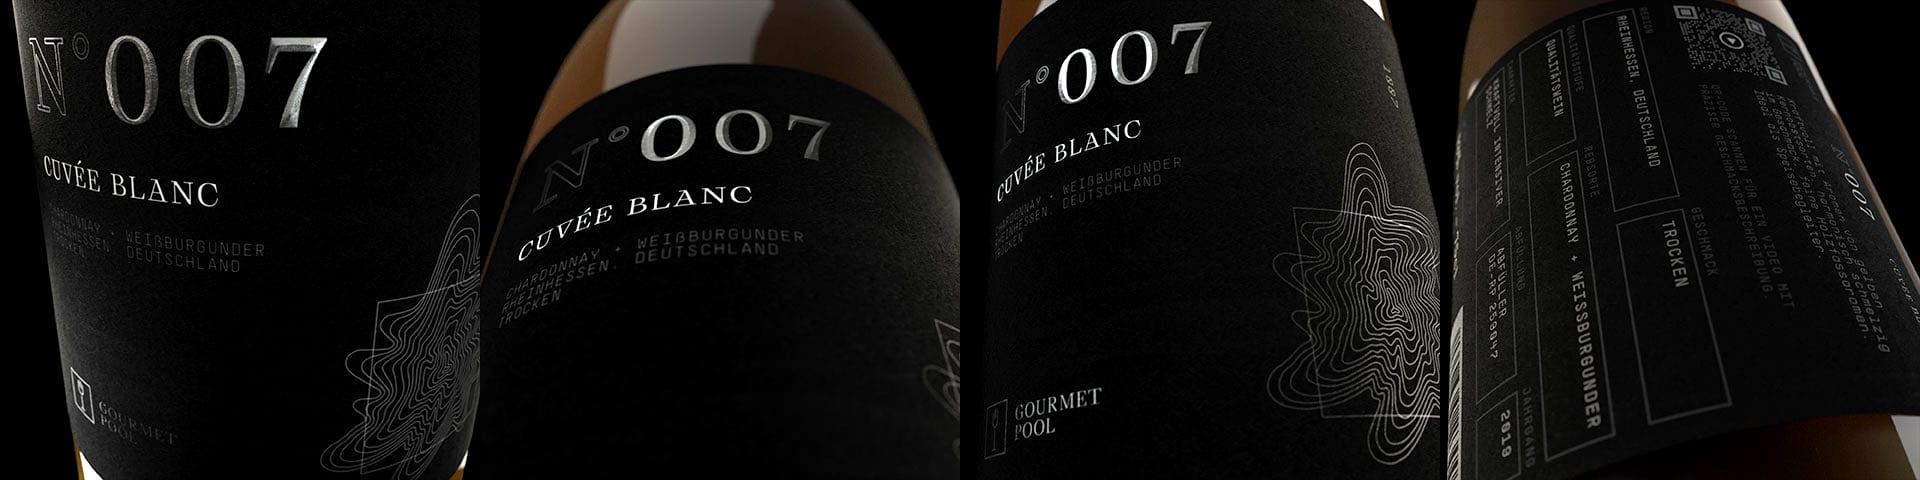 Weinflaschen Detailaufnahme N°007 Cuvée Blanc